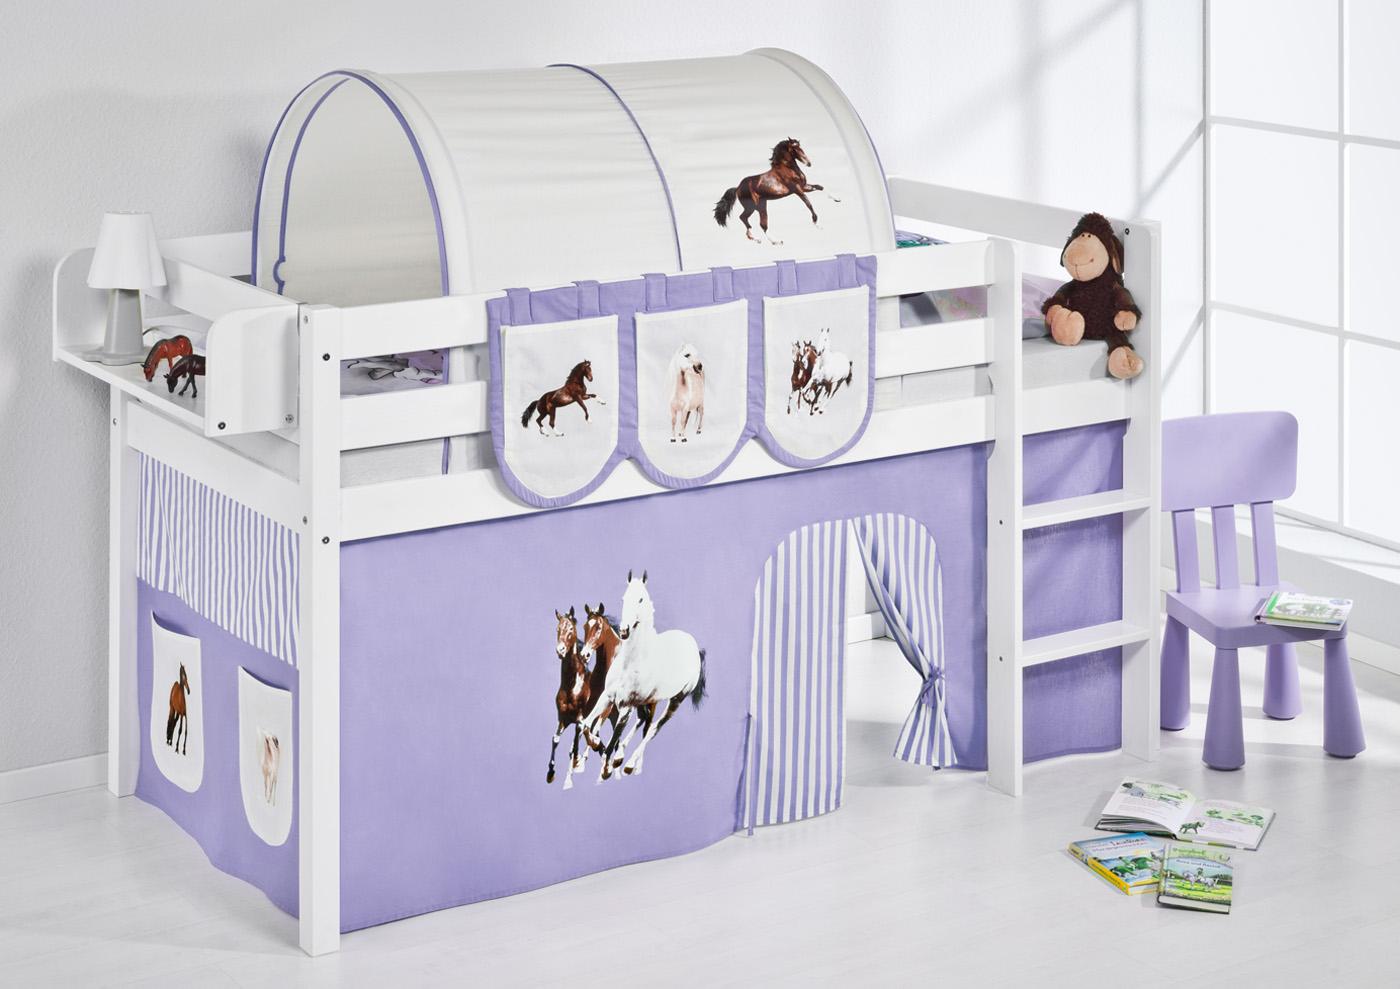 Vorhang Für Etagenbett : Spielbett hochbett kinderbett kinder bett jelle vorhang nach